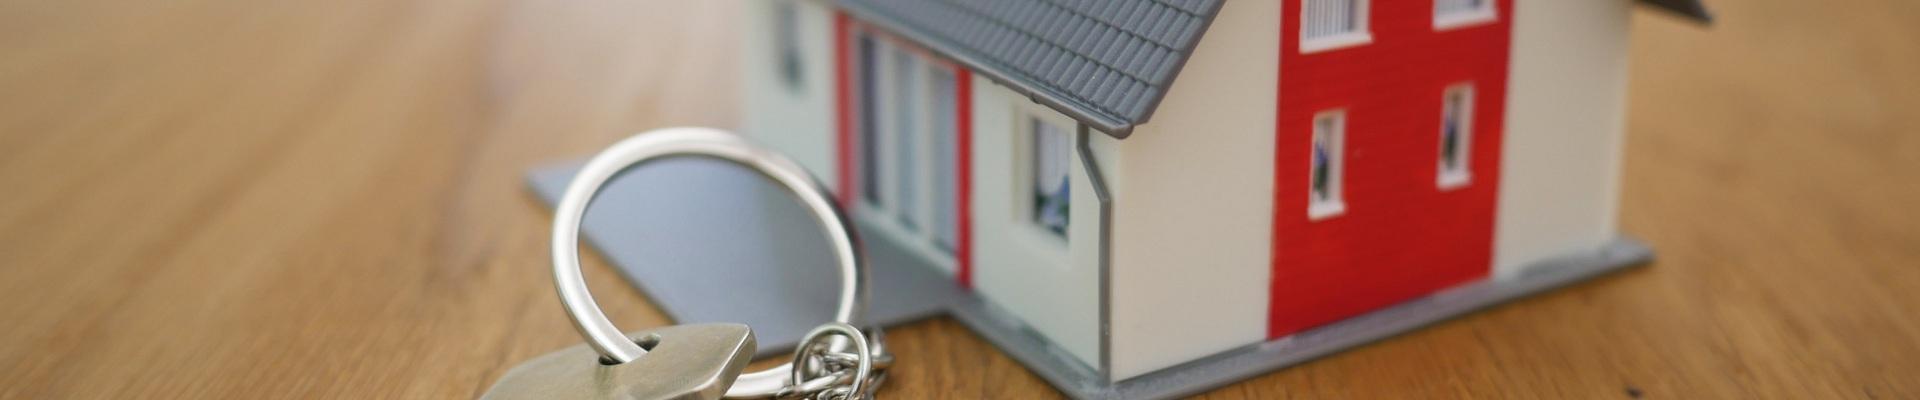 Специалист агентства «Эксперт РА» сделал прогнозы о рекордном увеличении желающих взять ипотеку в 2021 году